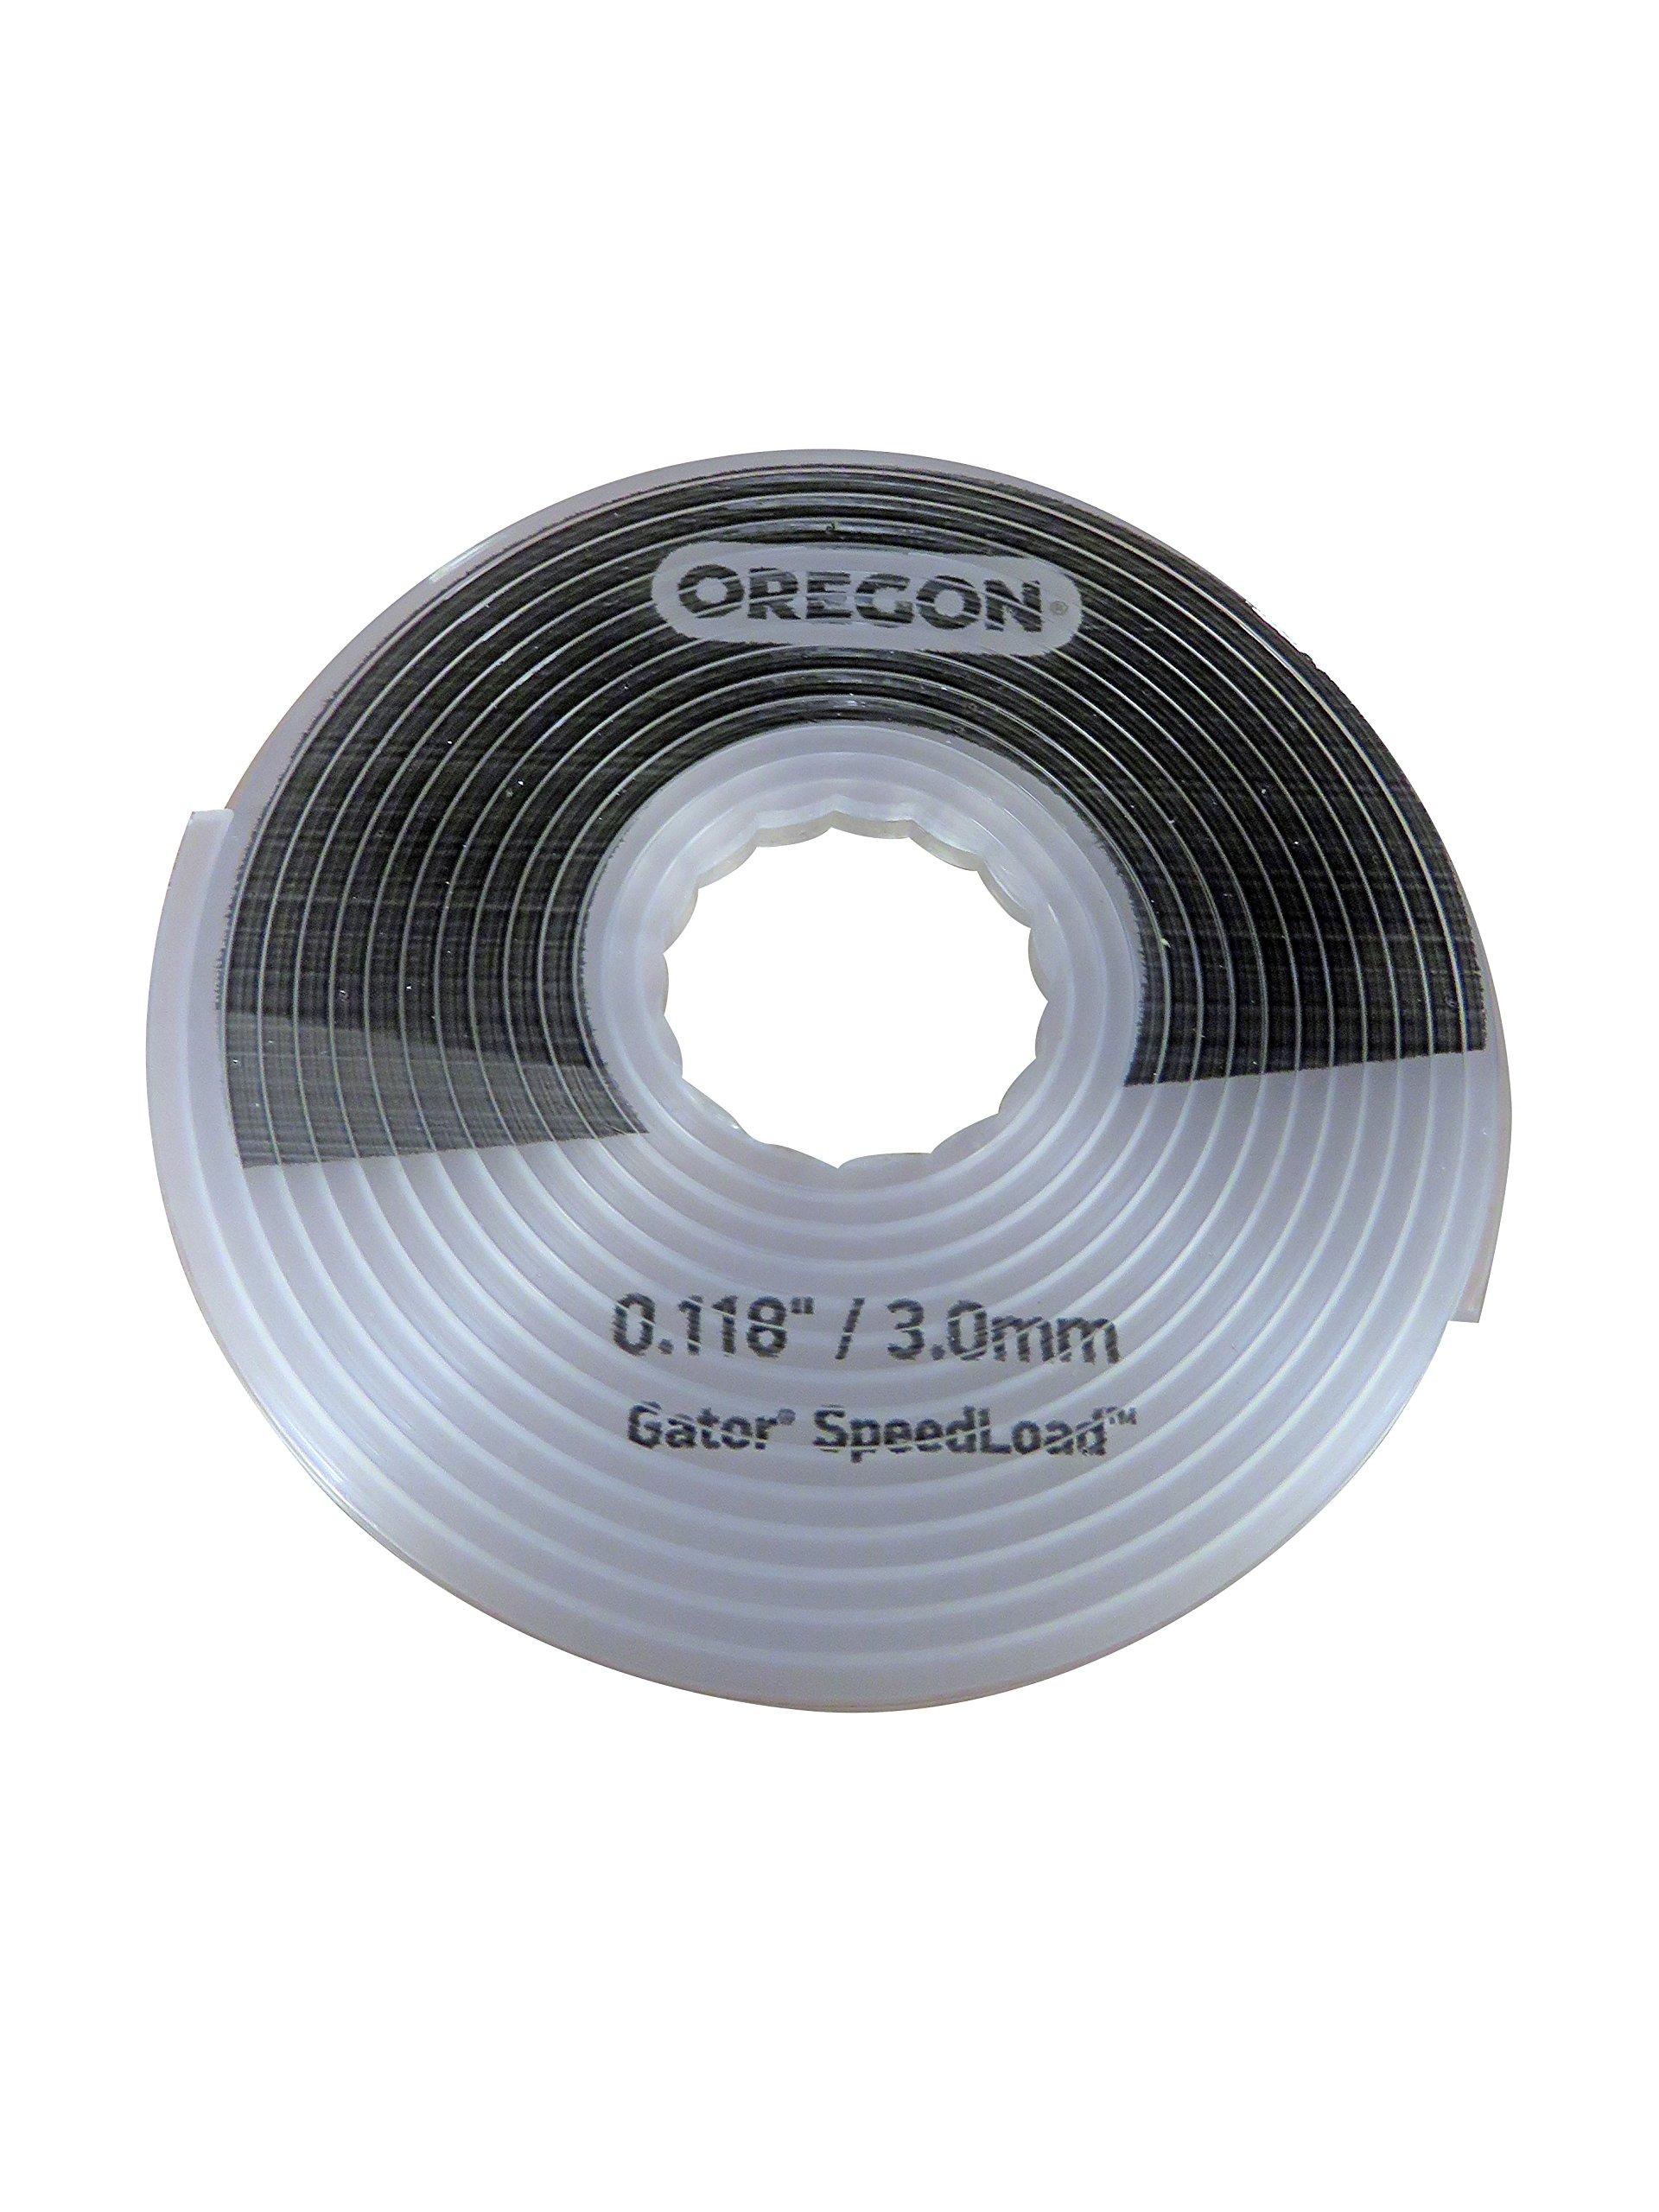 Oregon 24-518-25 Gator SpeedLoad Trimmer Line.118'', 25 Pack, LG